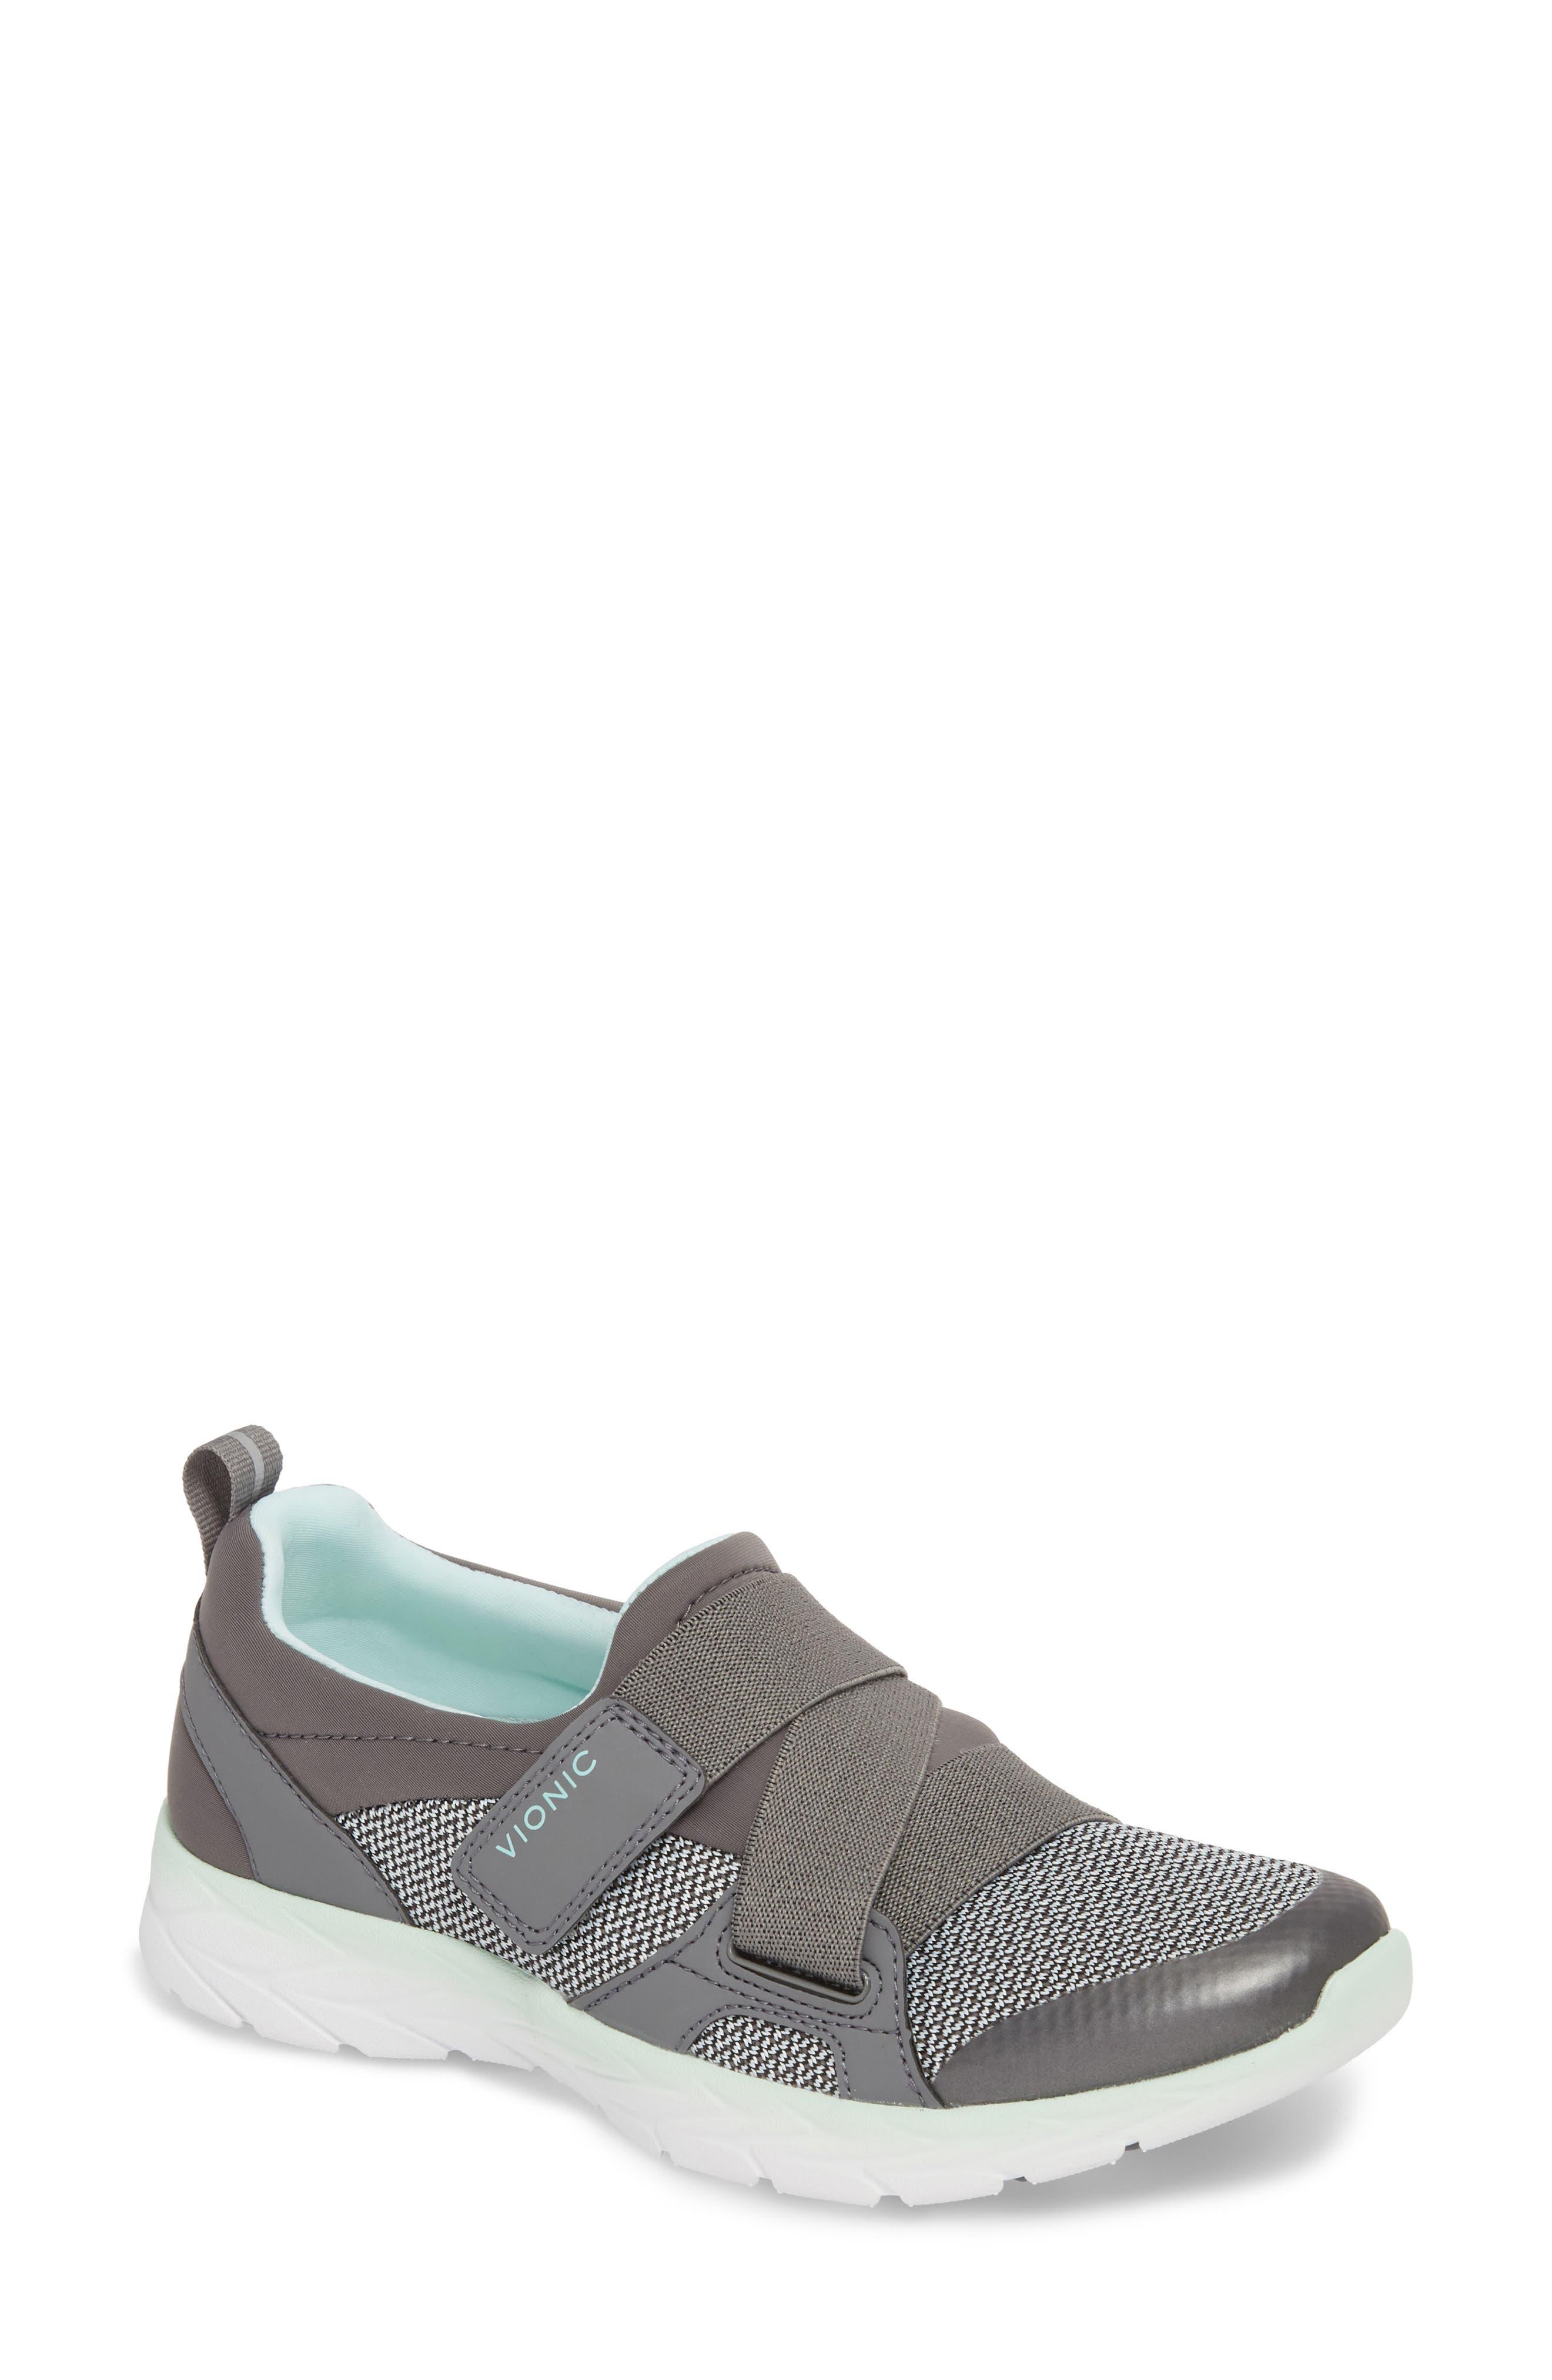 Dash Sneaker,                             Main thumbnail 1, color,                             055